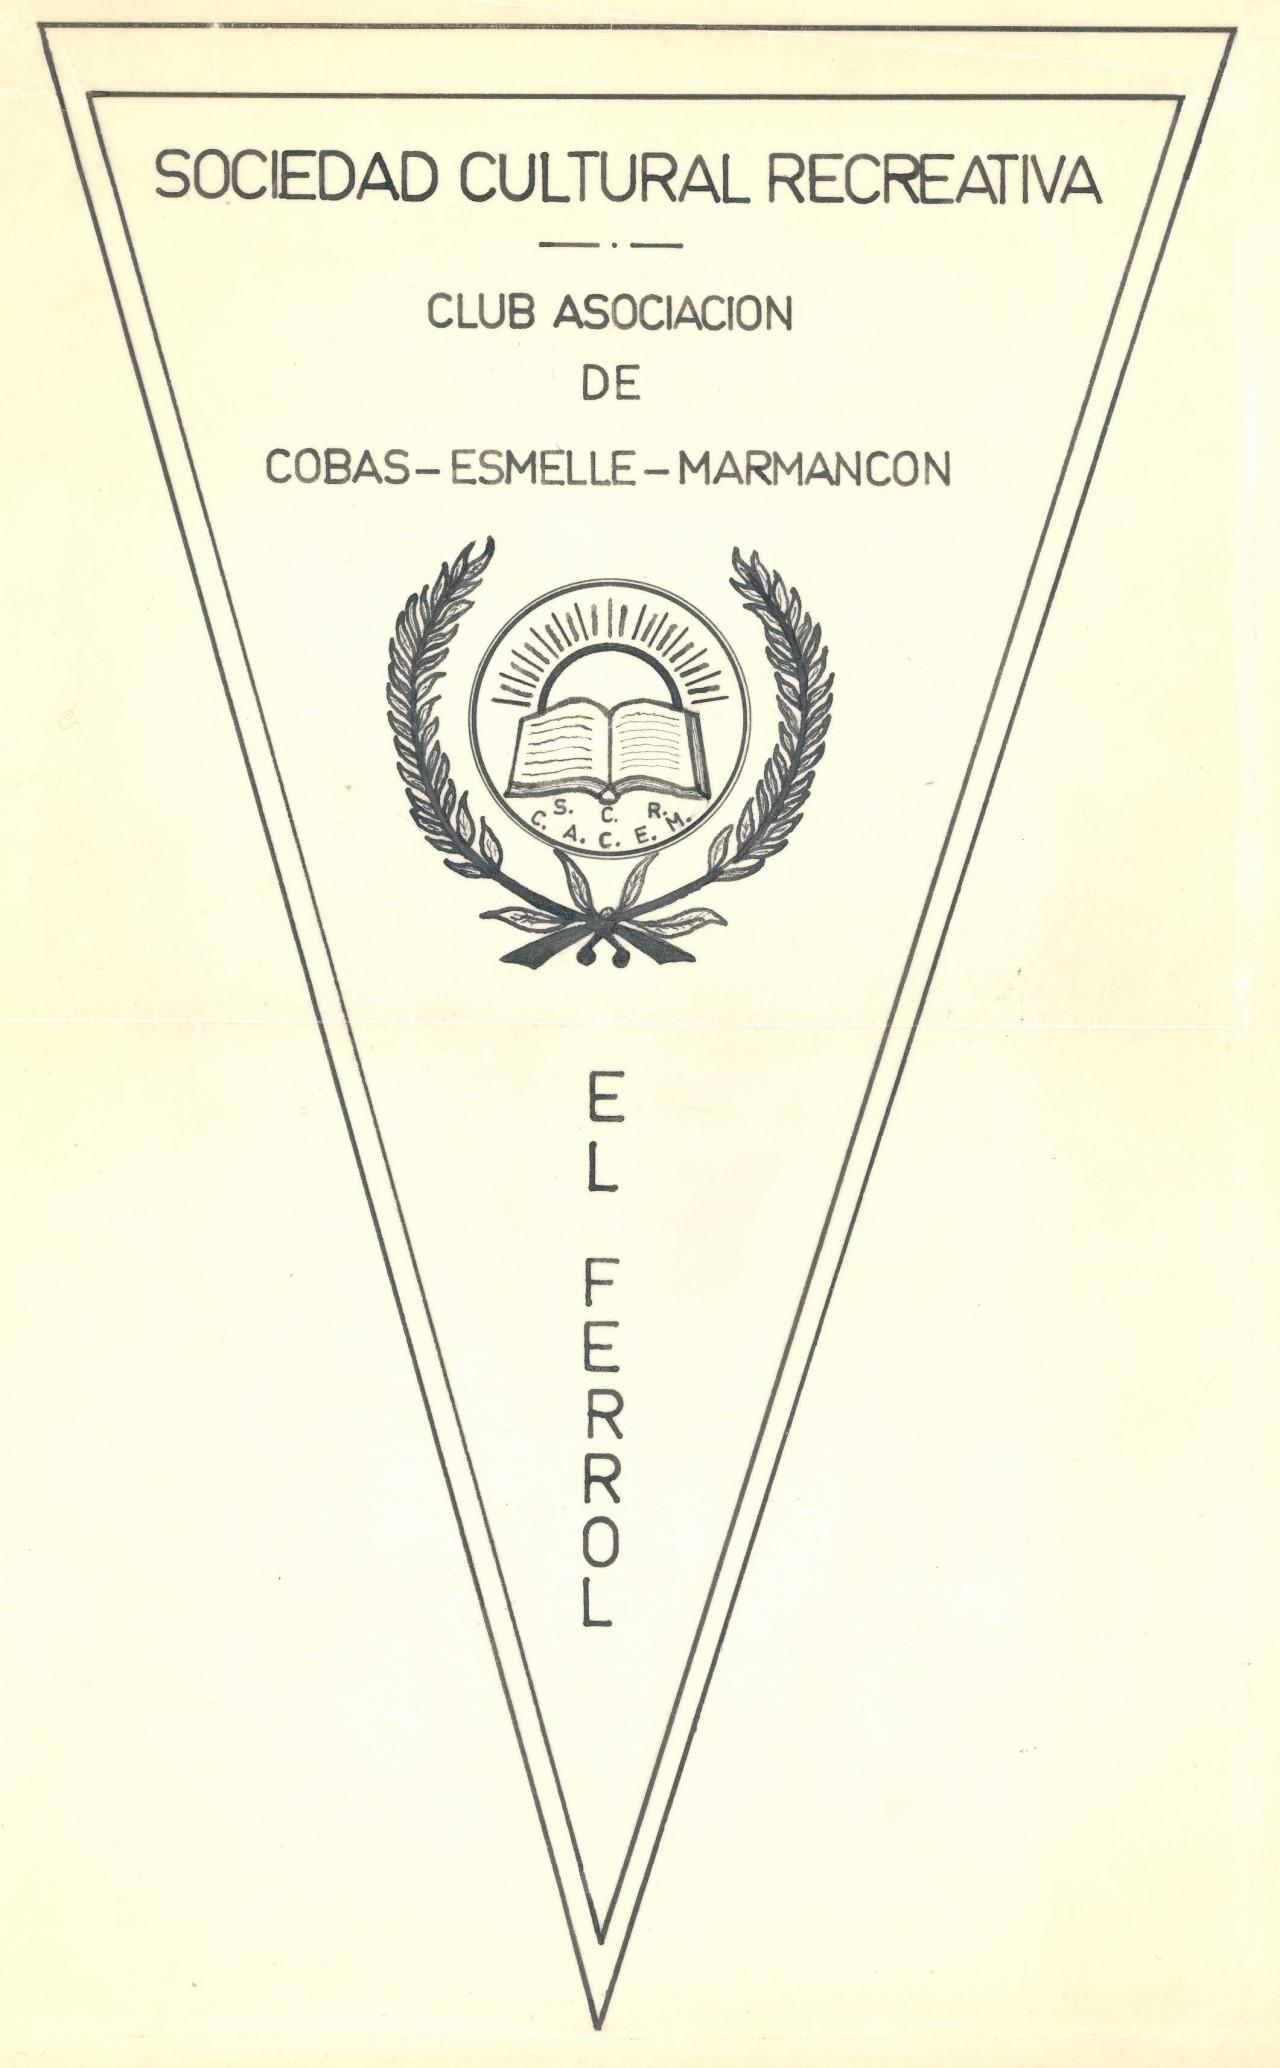 Escudo-Logo da Sociedade Recreativa